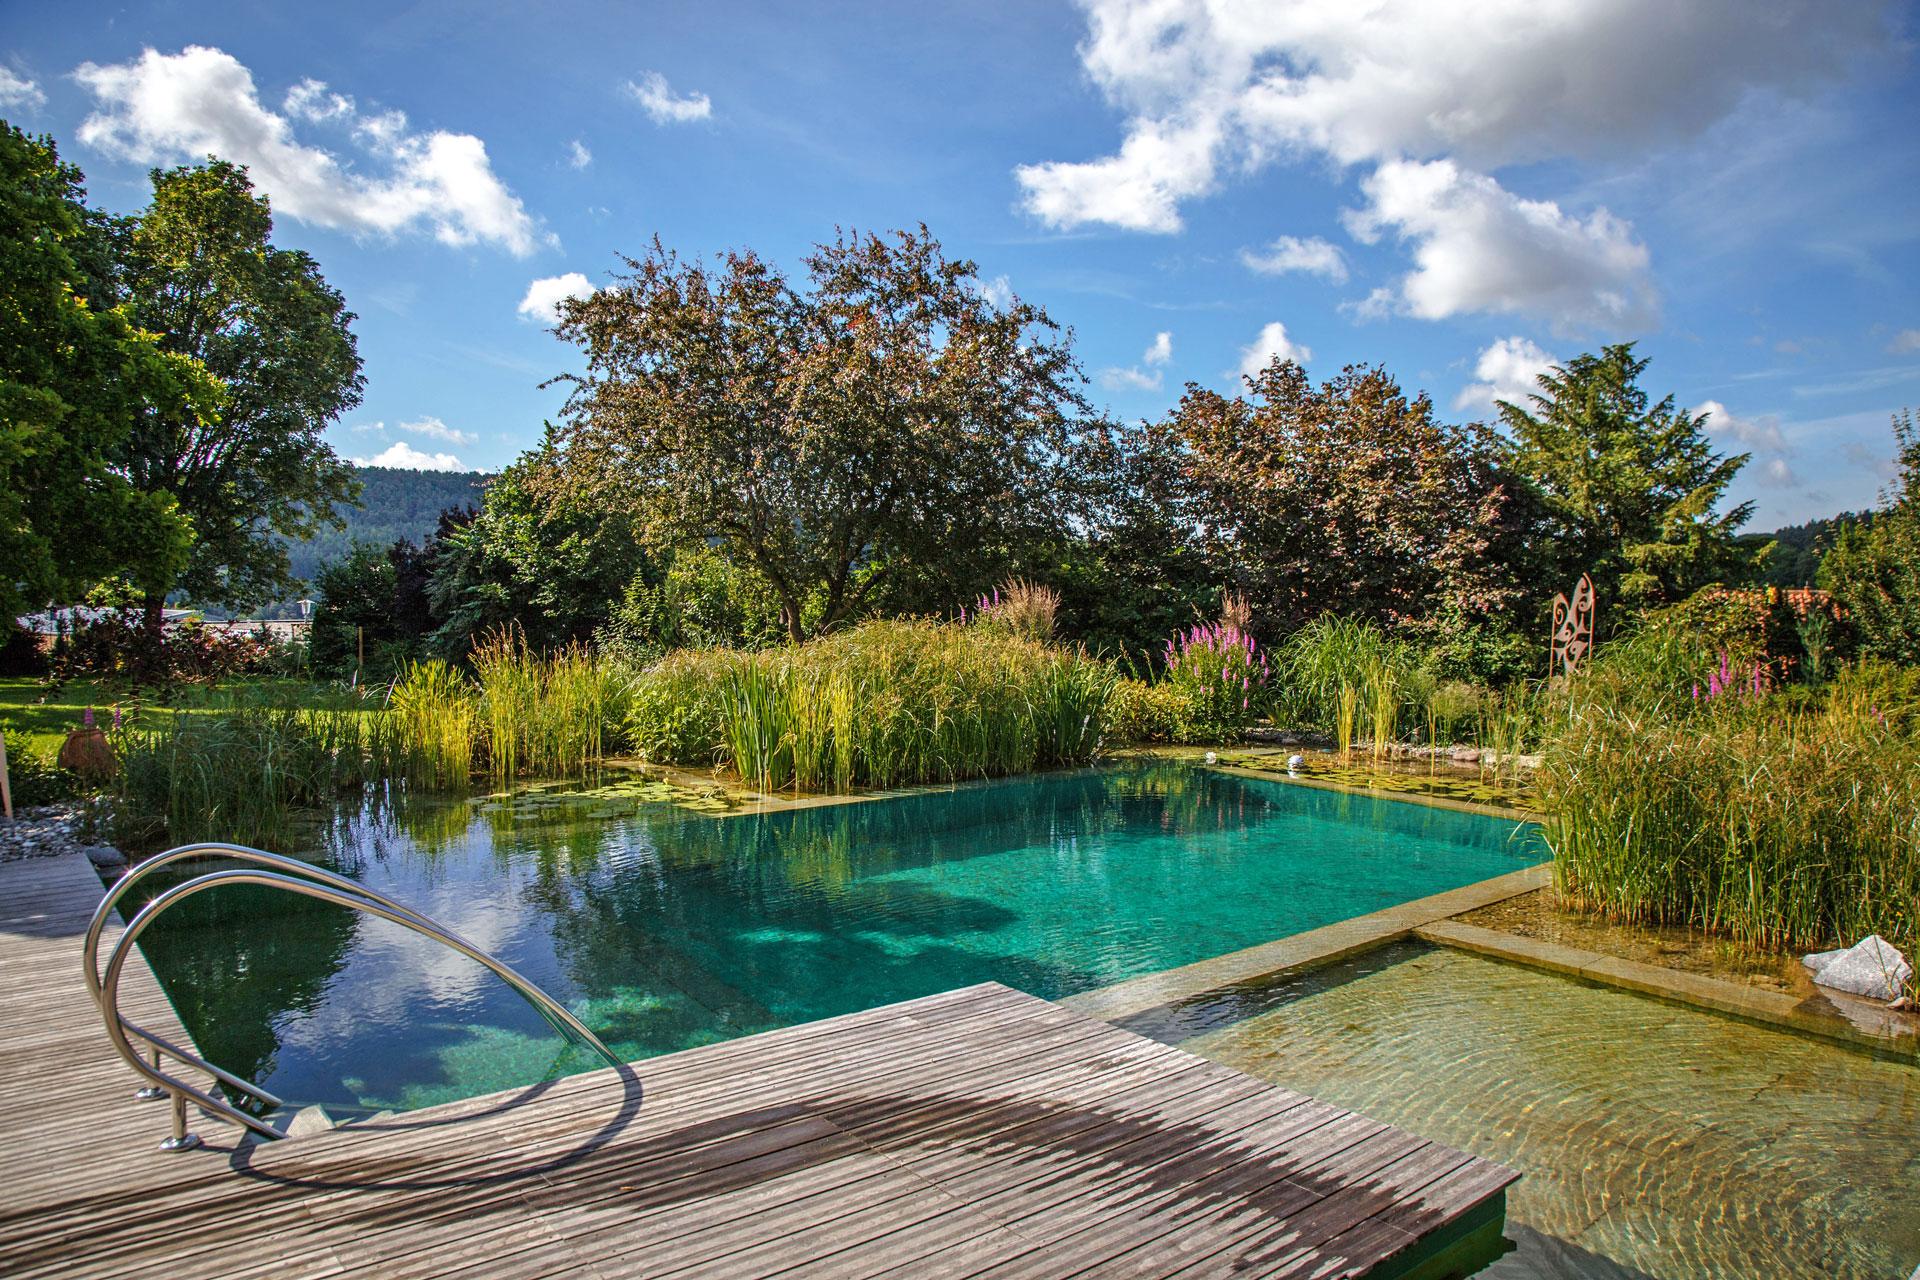 Kalhofer gartengestaltung schwimmteiche landschaftsbau for Naturteich schwimmteich